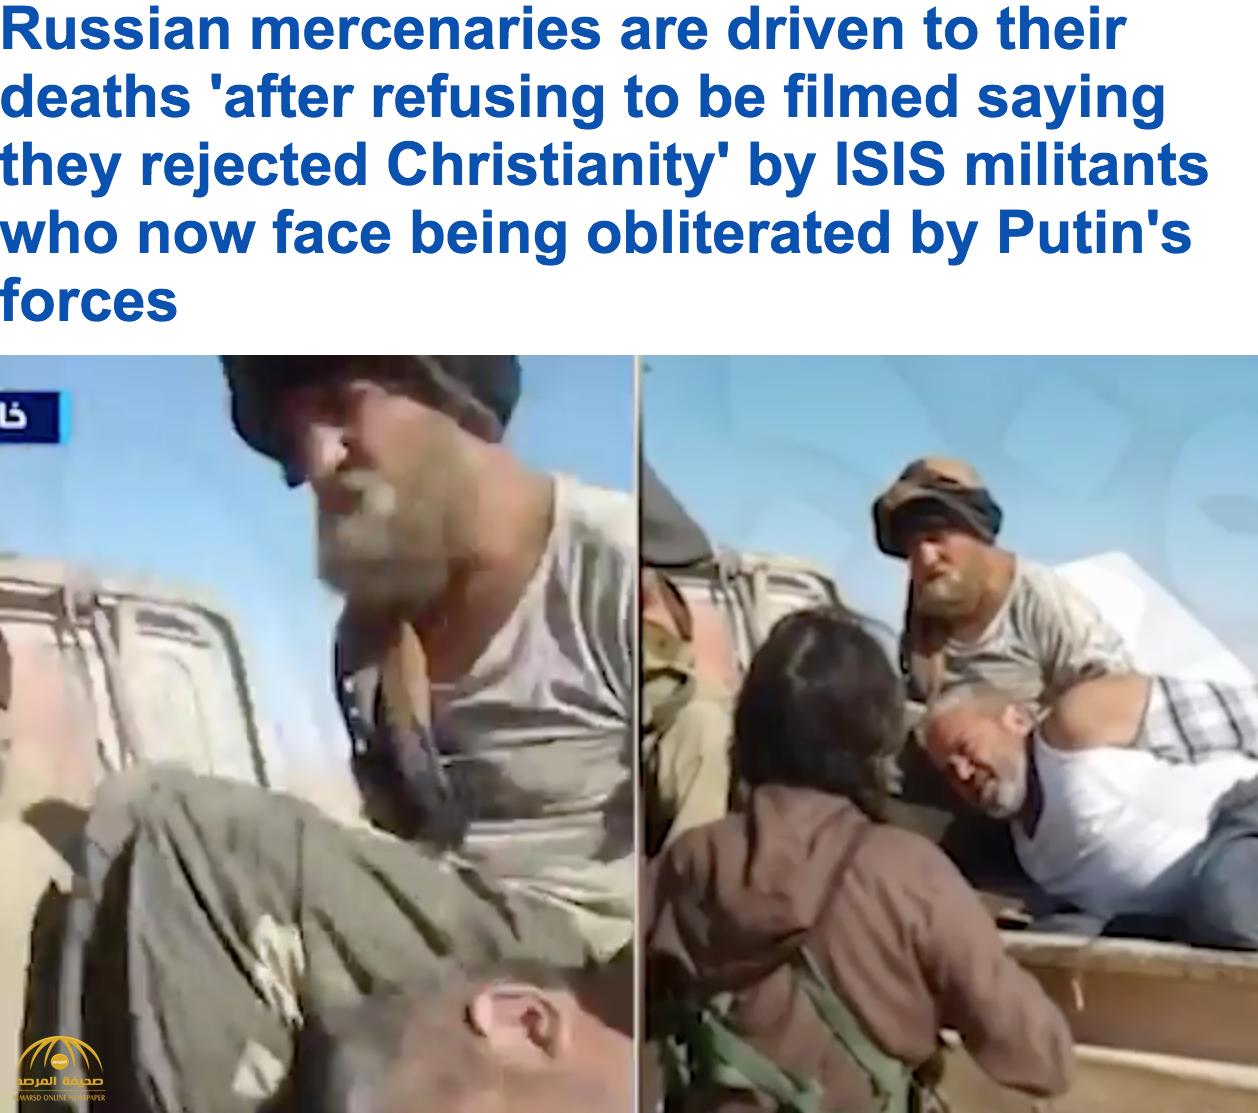 بالفيديو: دواعش يلقون القبض على اثنين من الجنود الروس في سوريا